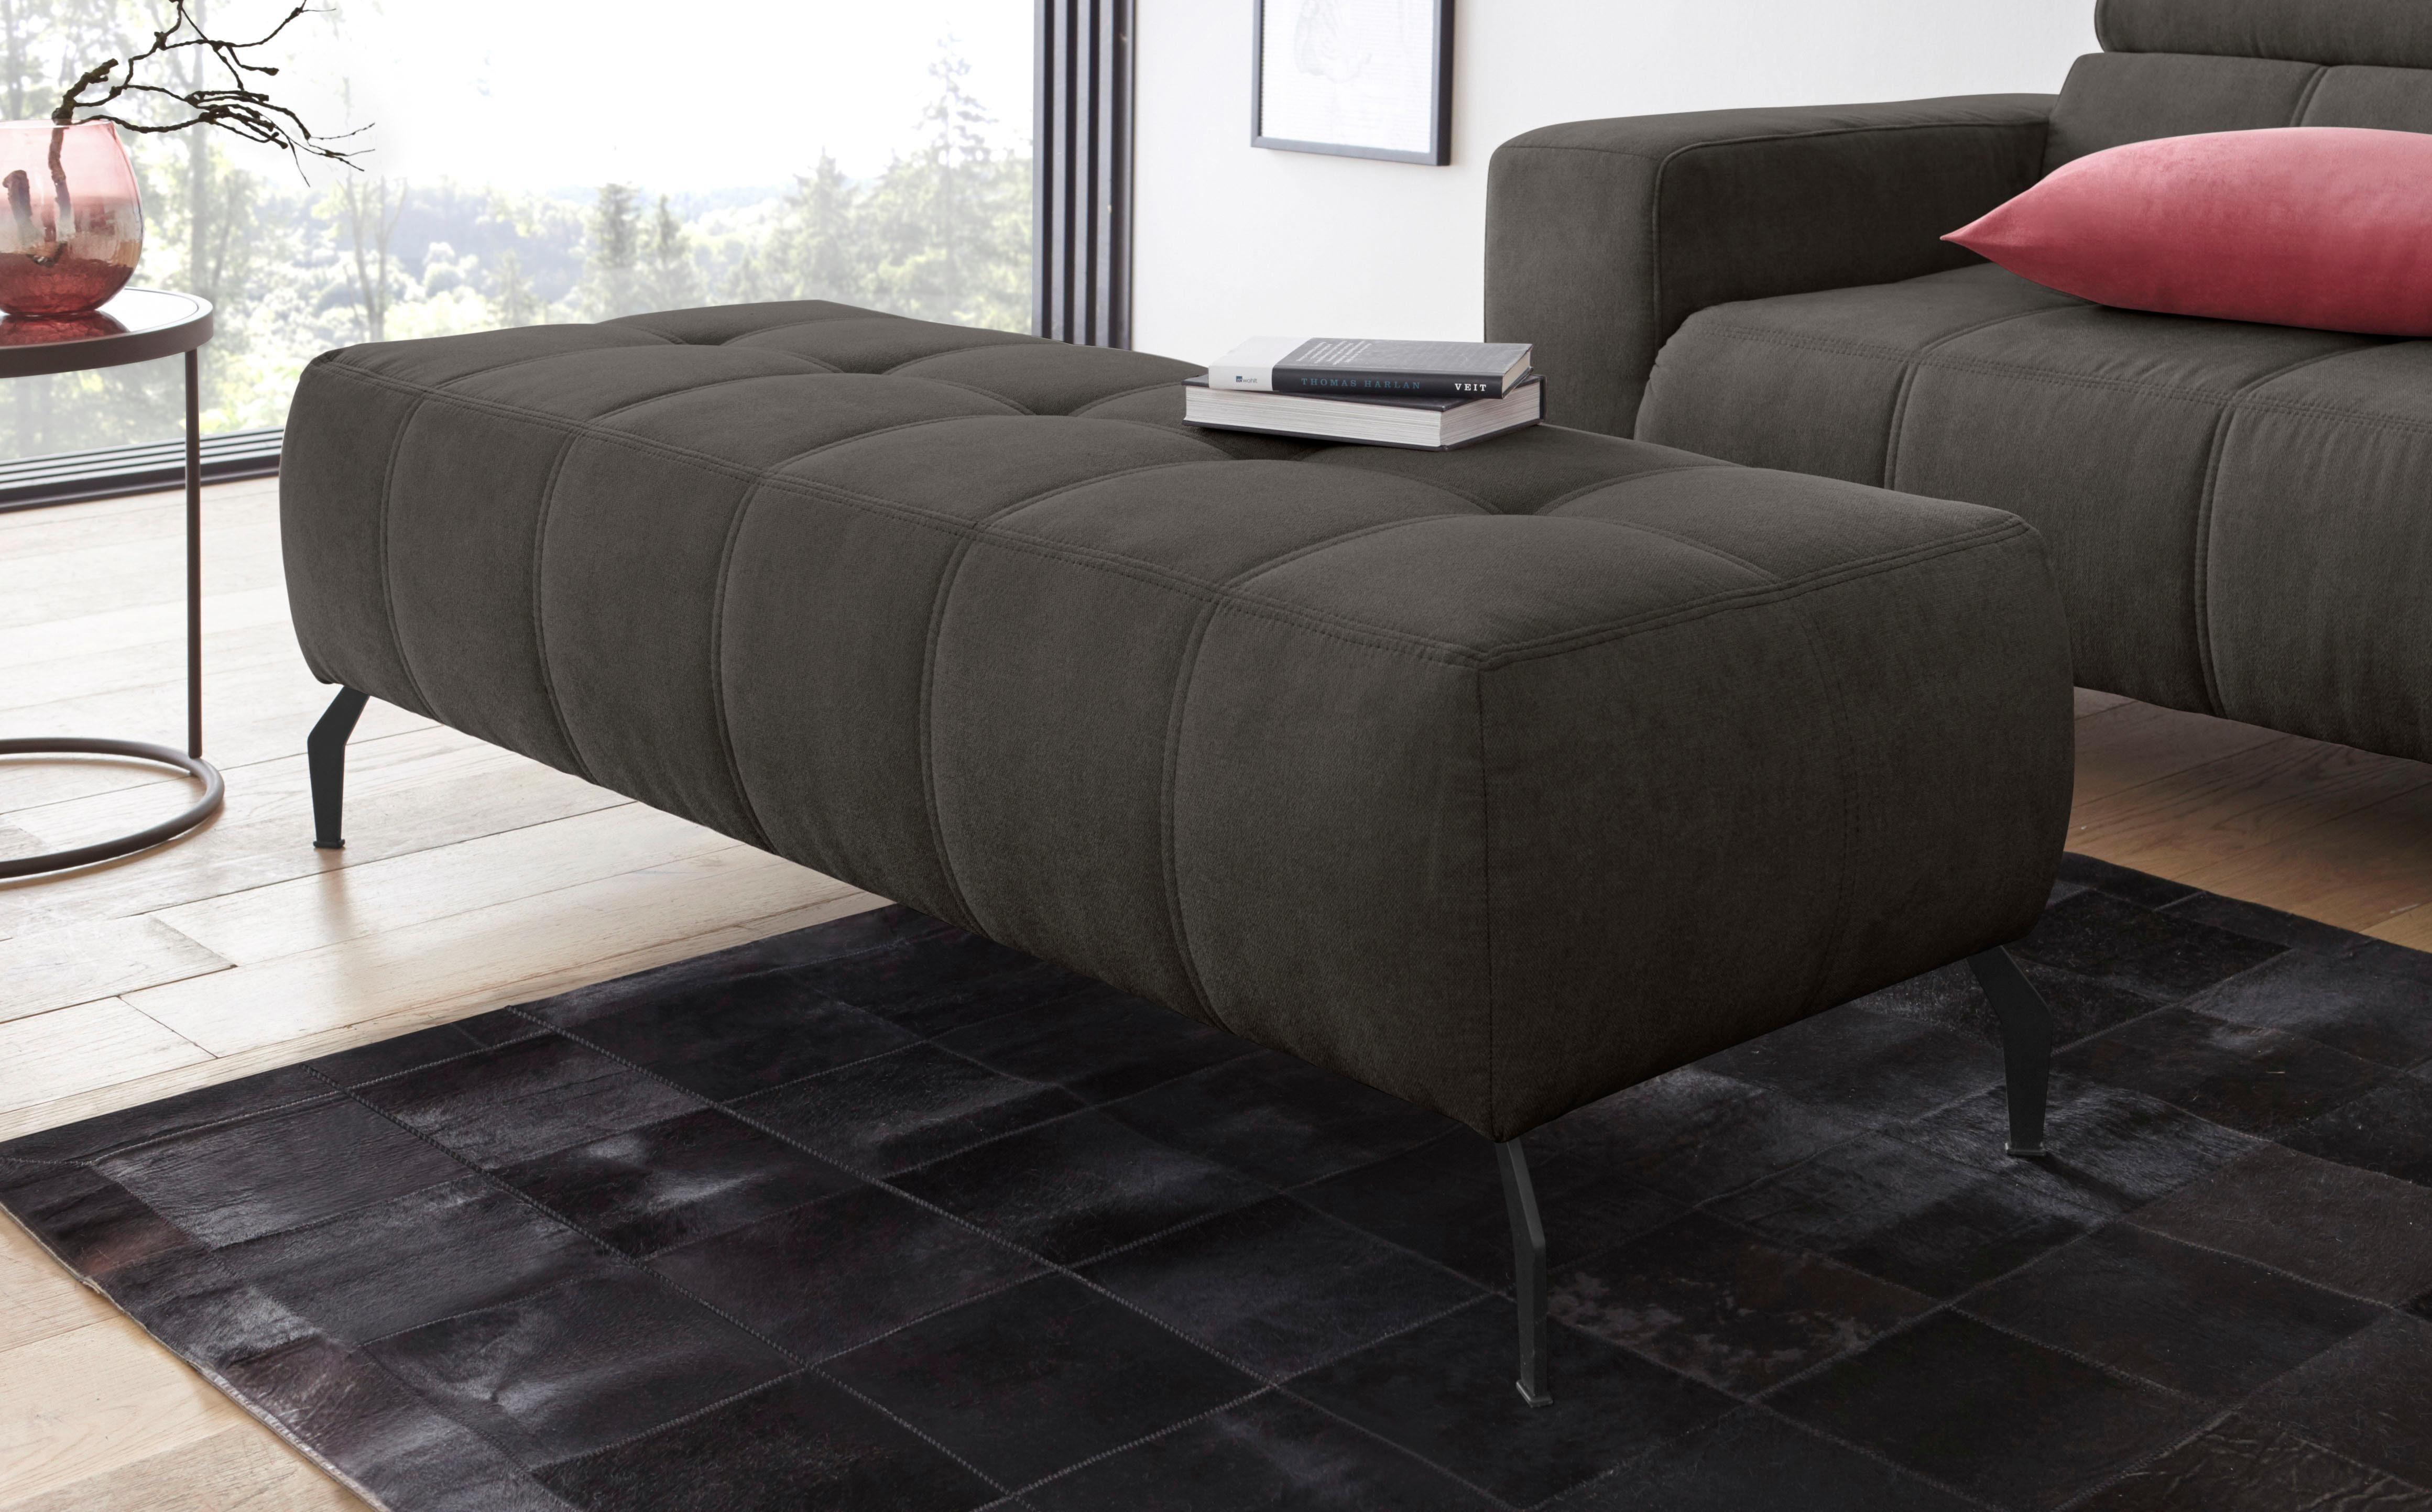 DOMO collection Hocker, Hoher Sitzkomfort online kaufen   OTTO